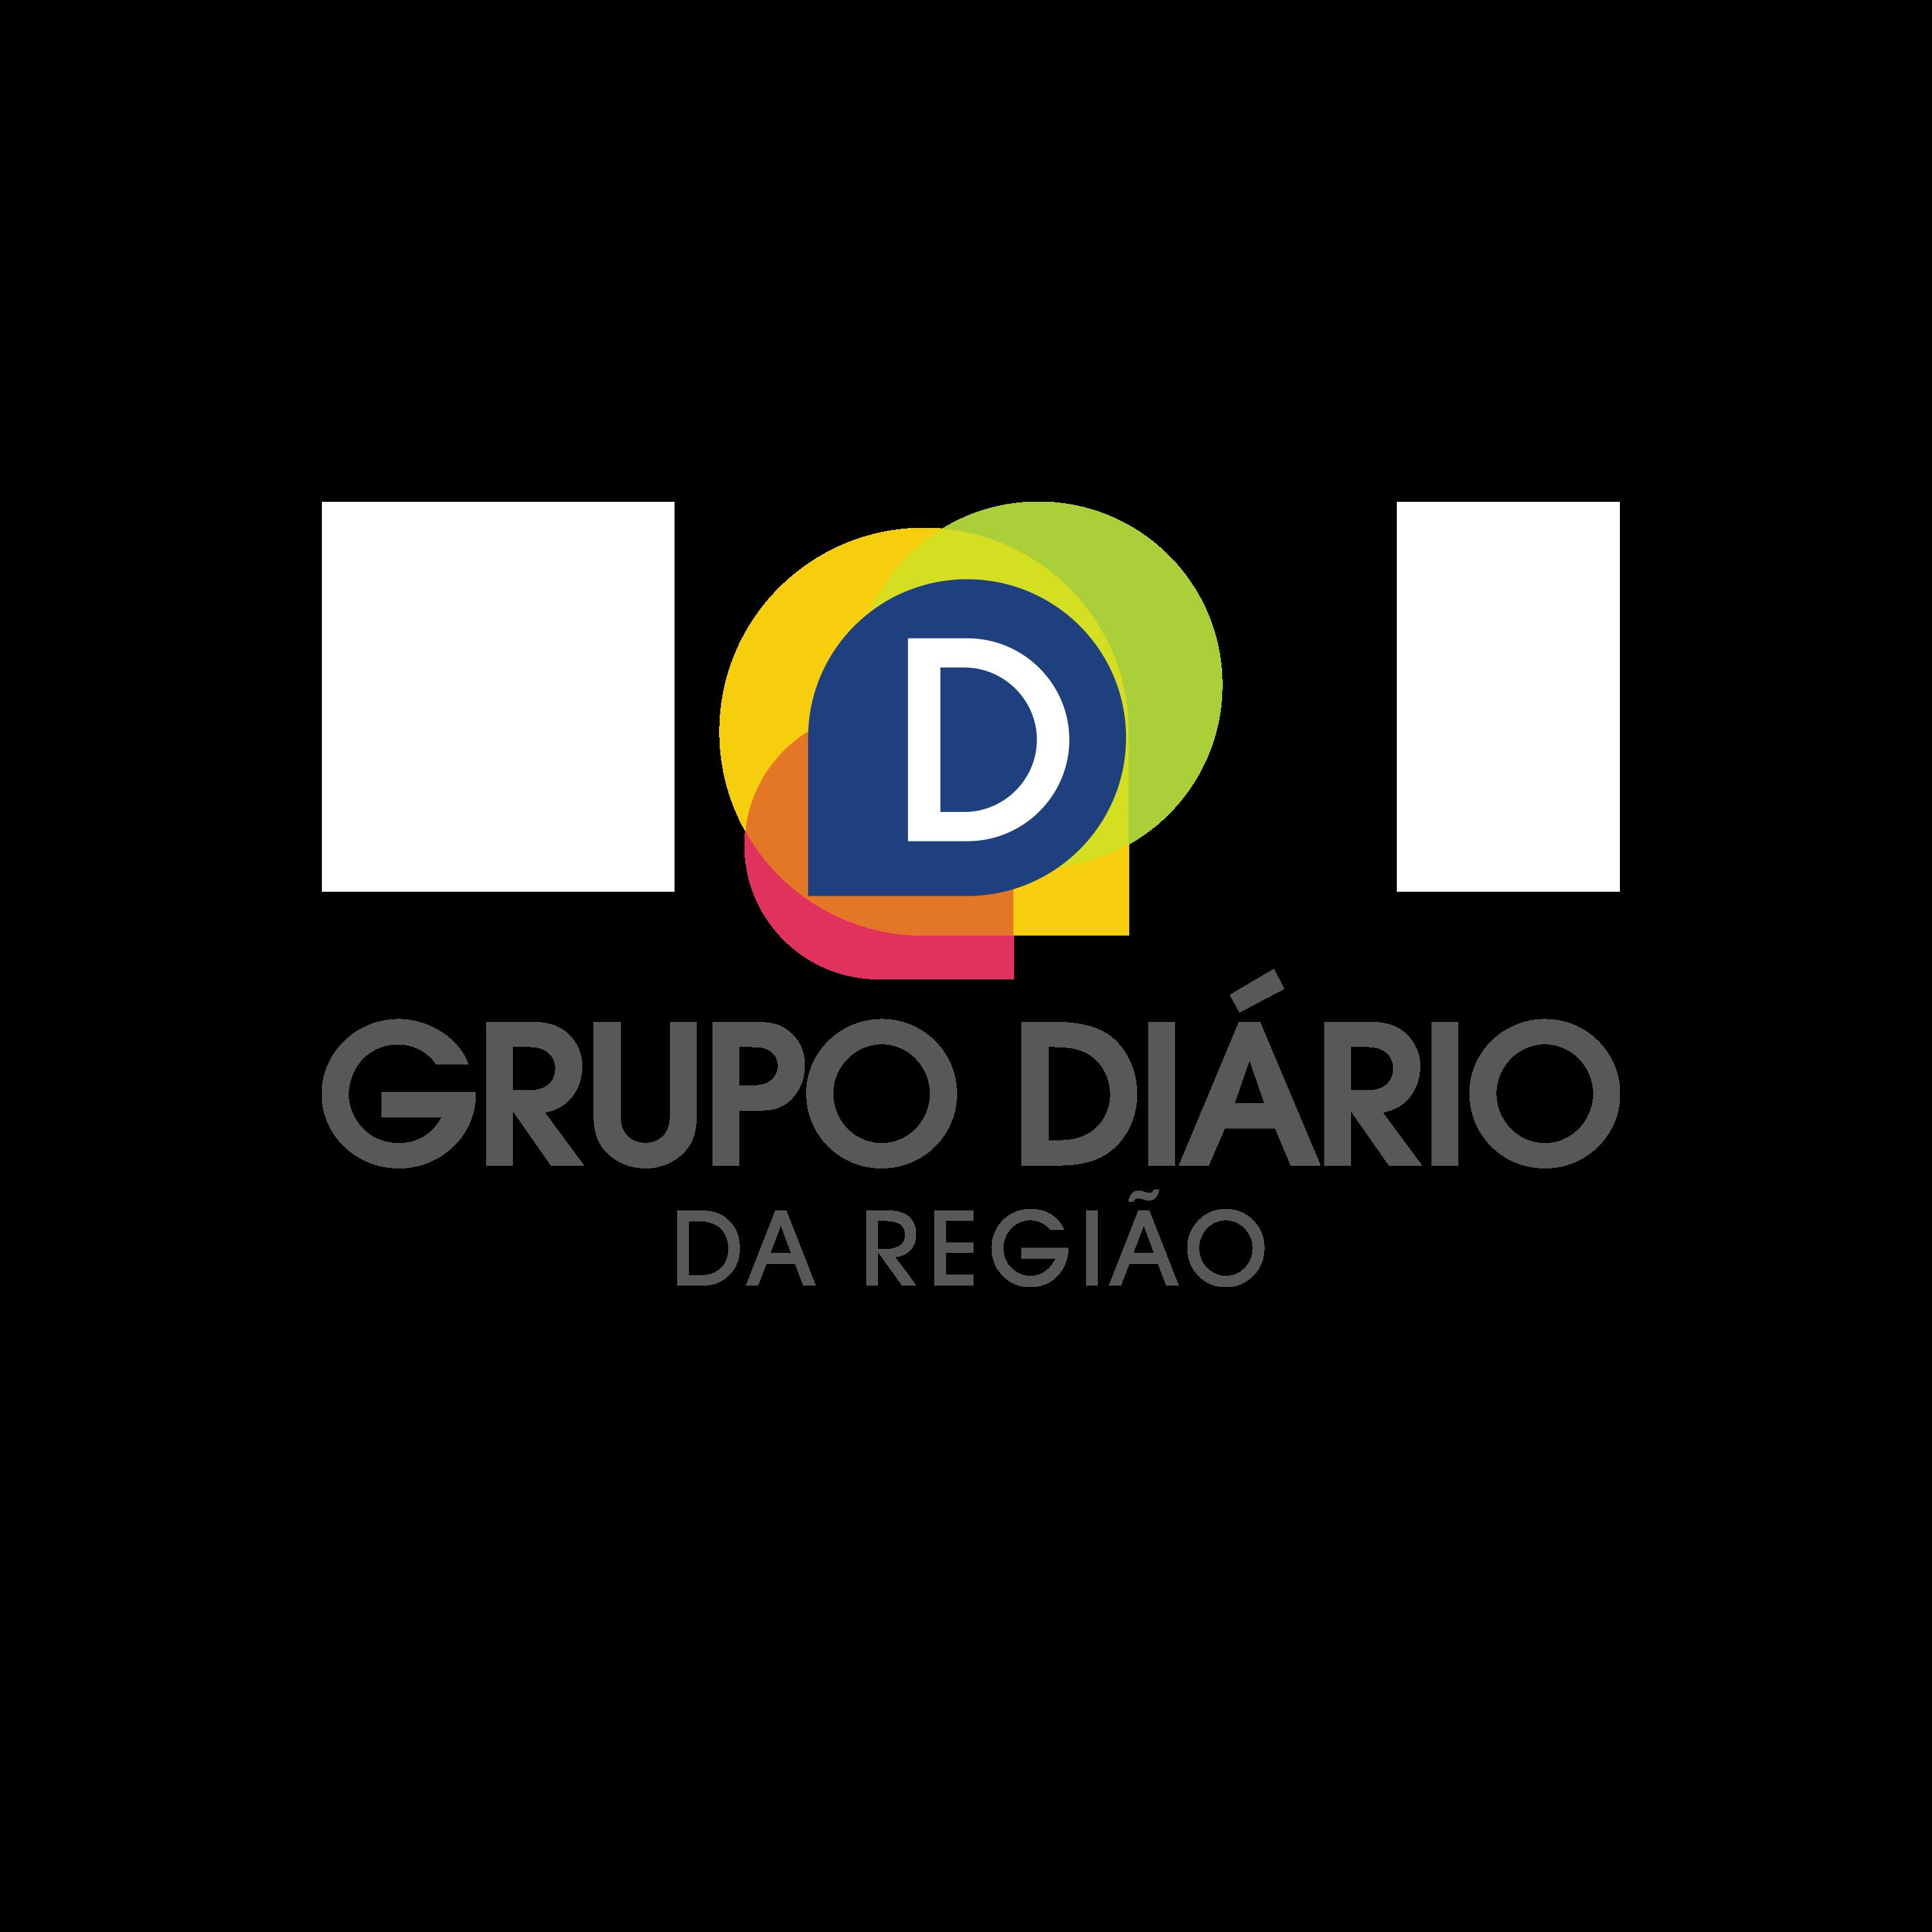 Grupo Diário da Região - Abresc |